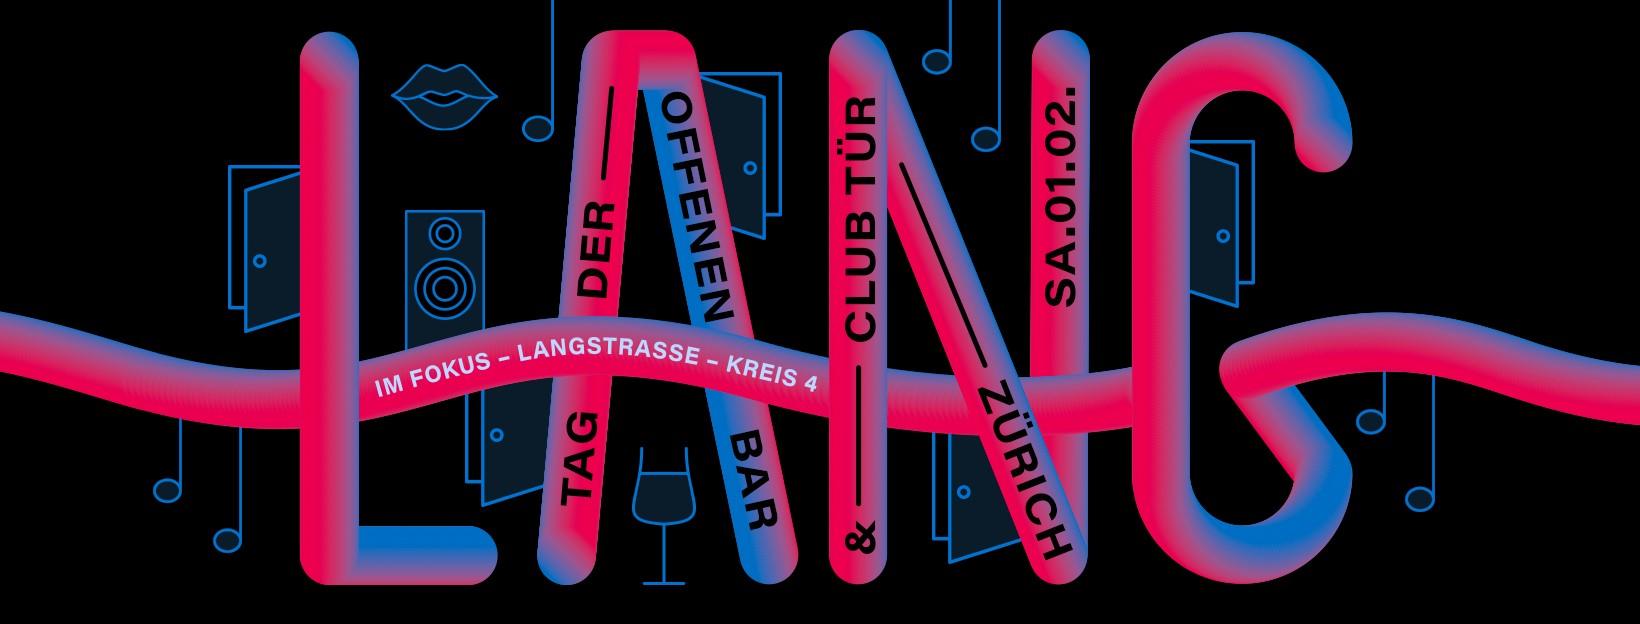 Samstag, 01. Februar 2020, ab 14 Uhr, 8. Tag der offenen Bar und Club Tür – Im Fokus die Langstrasse im Kreis 4